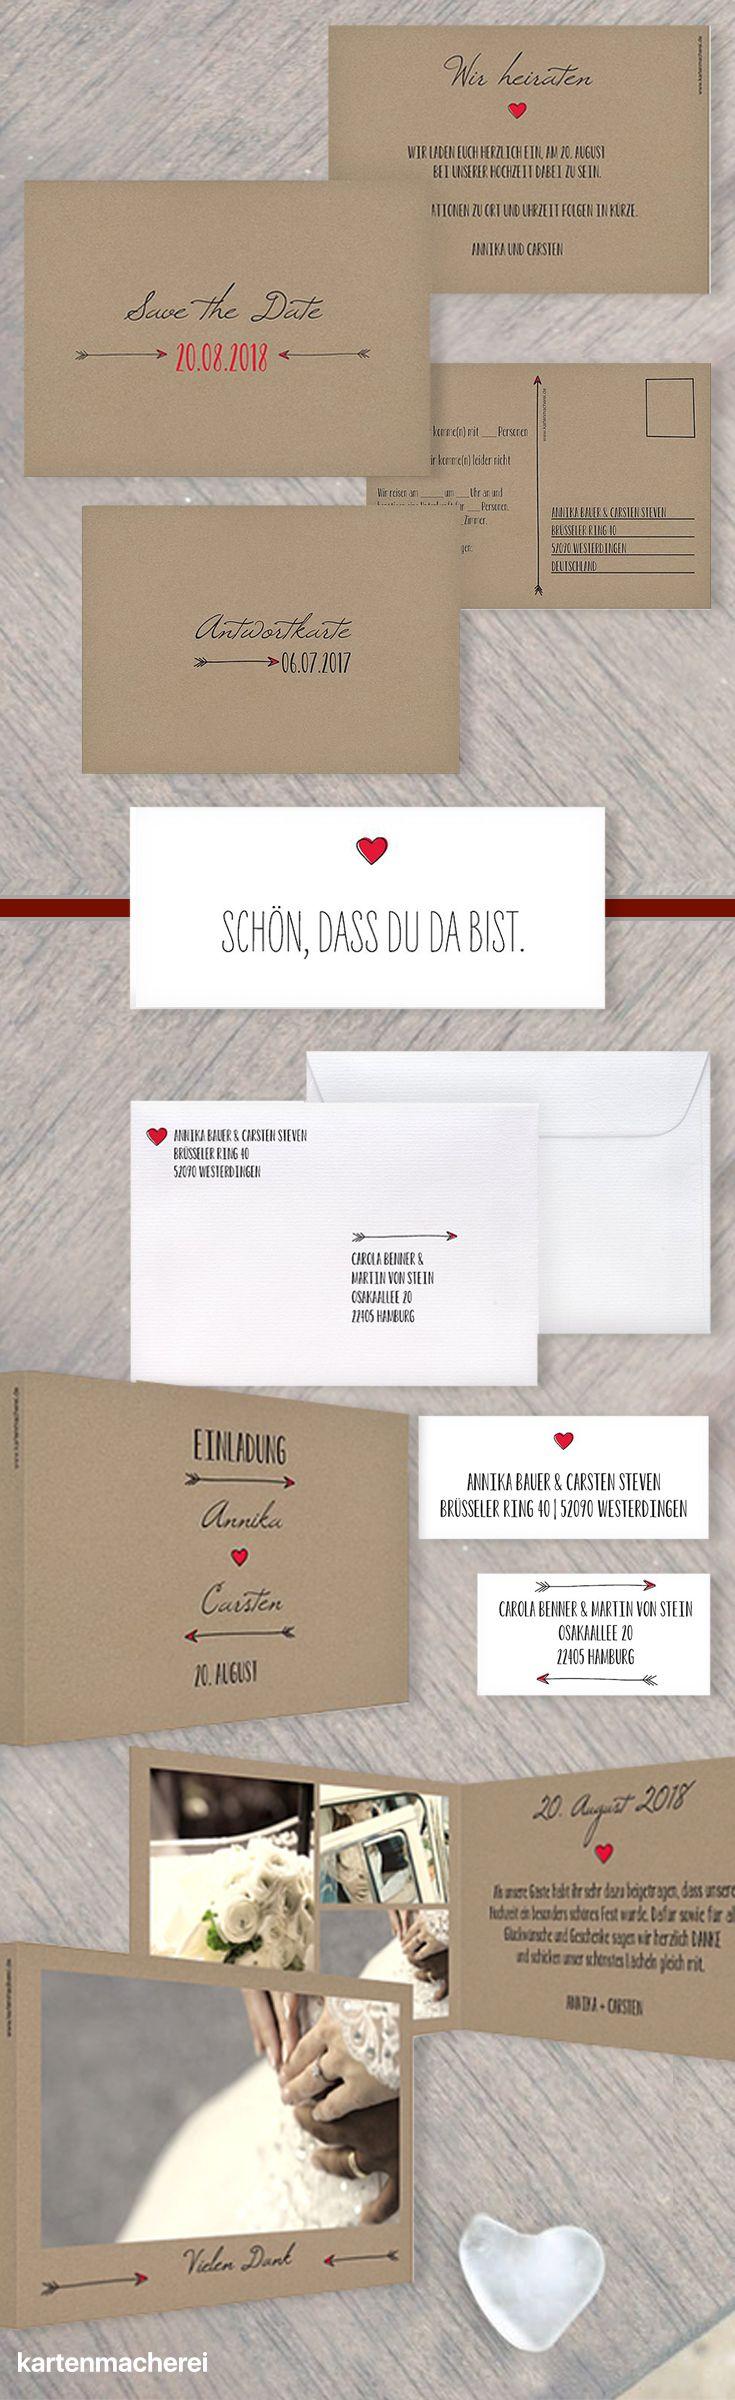 Papeterie aus wunderschönem Kraftpapier. Mit dieser Serie habt ihr von der Save the Date Karte, über die Antwort-, Einladungs- und Dankeskarte alles in einem Design. Farben und Material eignen sich für eure Hochzeit im Winter.